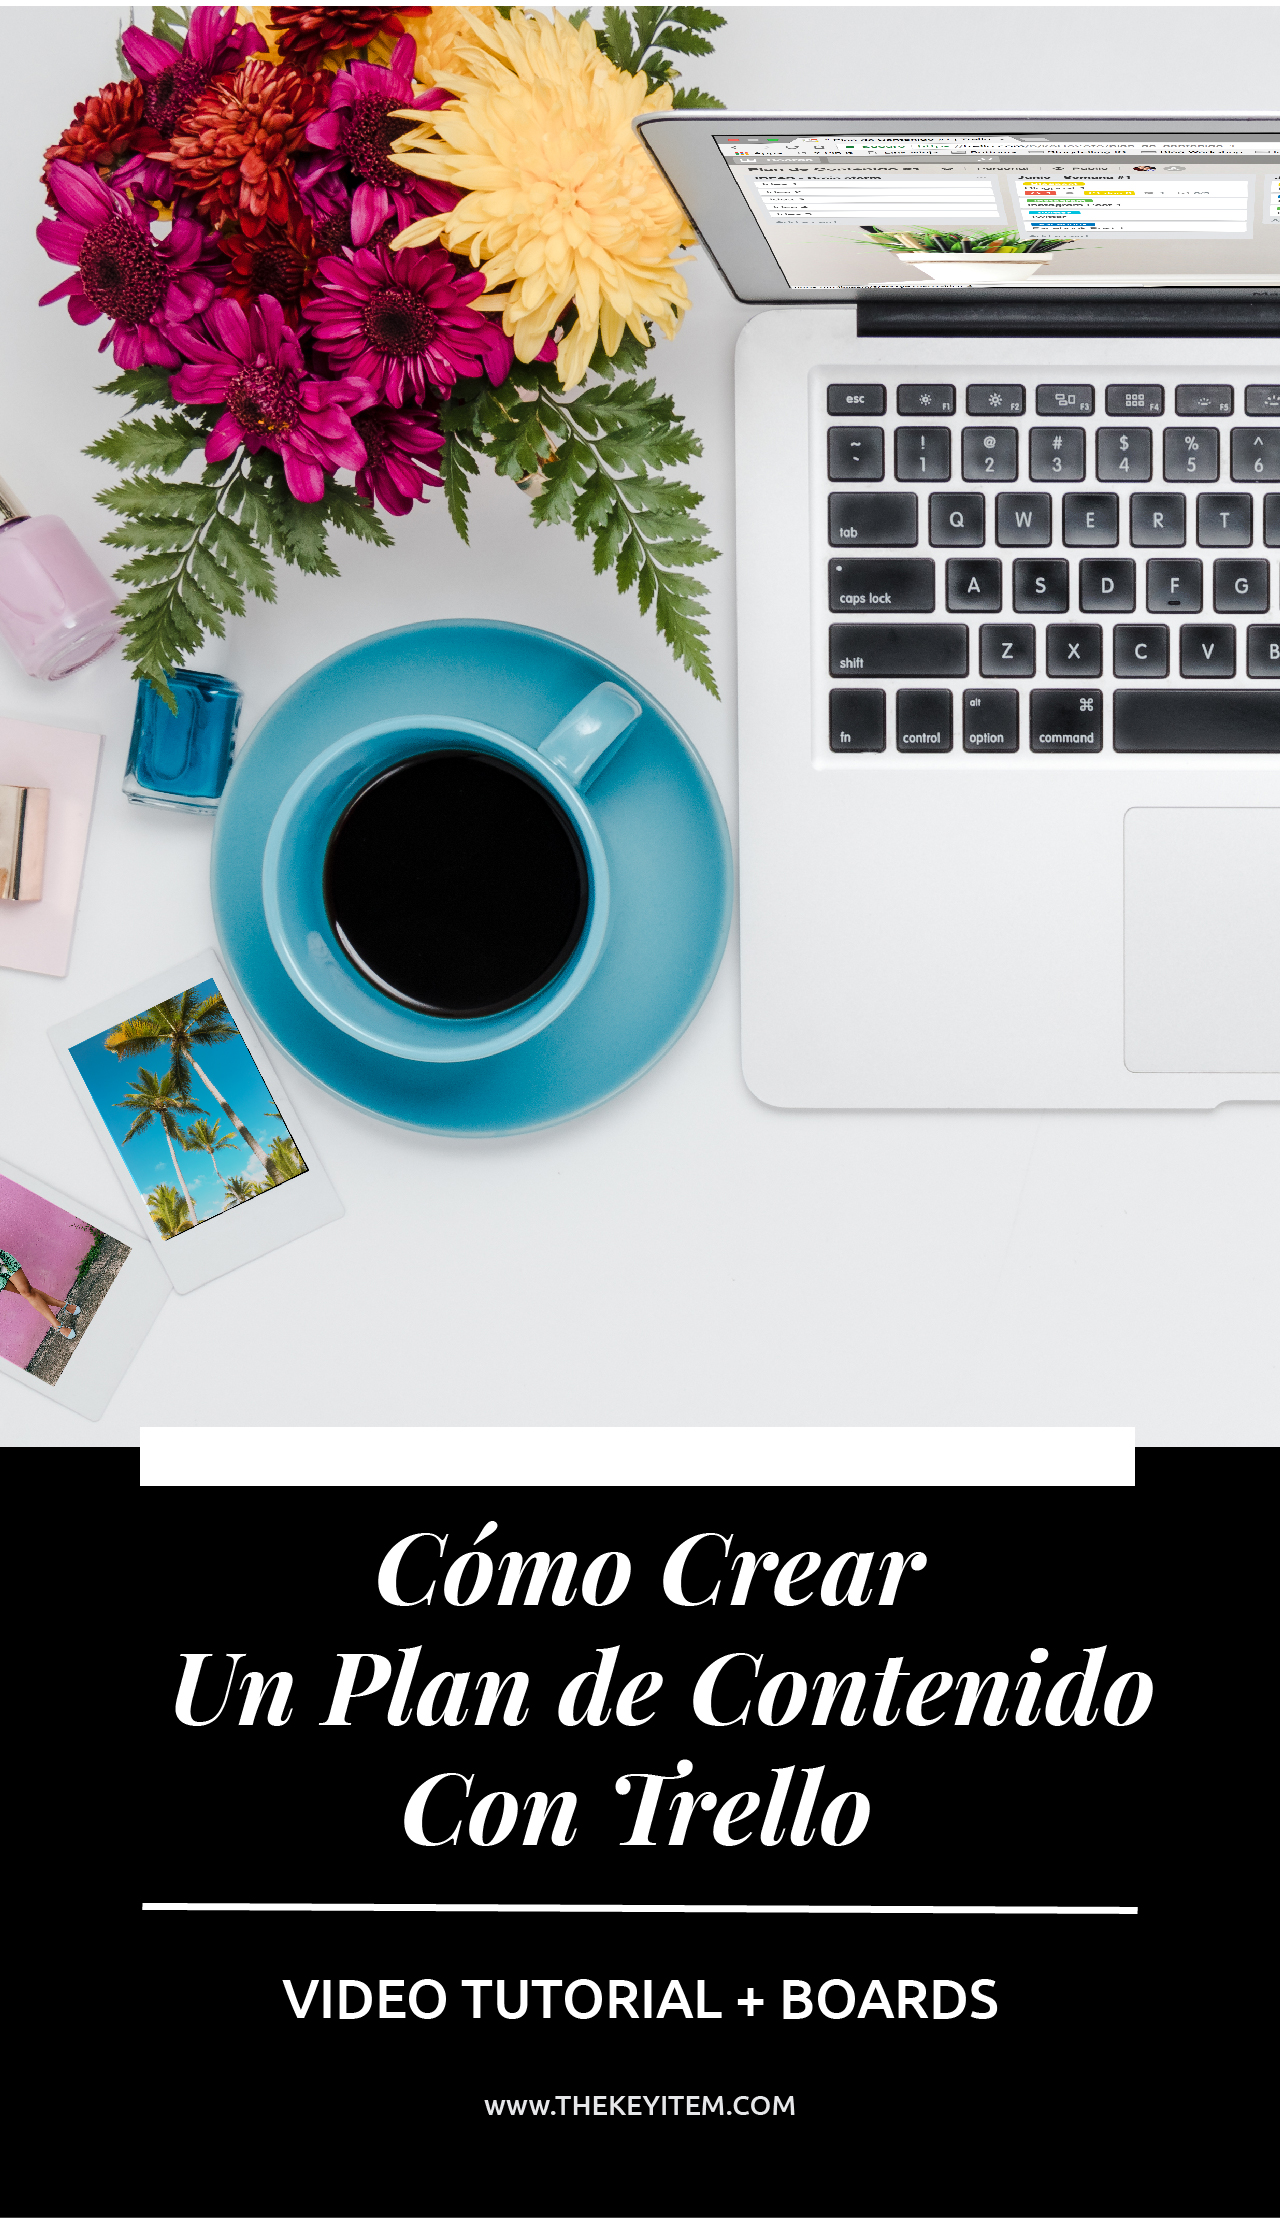 Aprende a crear un plan de contenido con Trello de forma eficaz. Ya verás que fácil será organizar y planificar tus proyectos todo en un solo app.